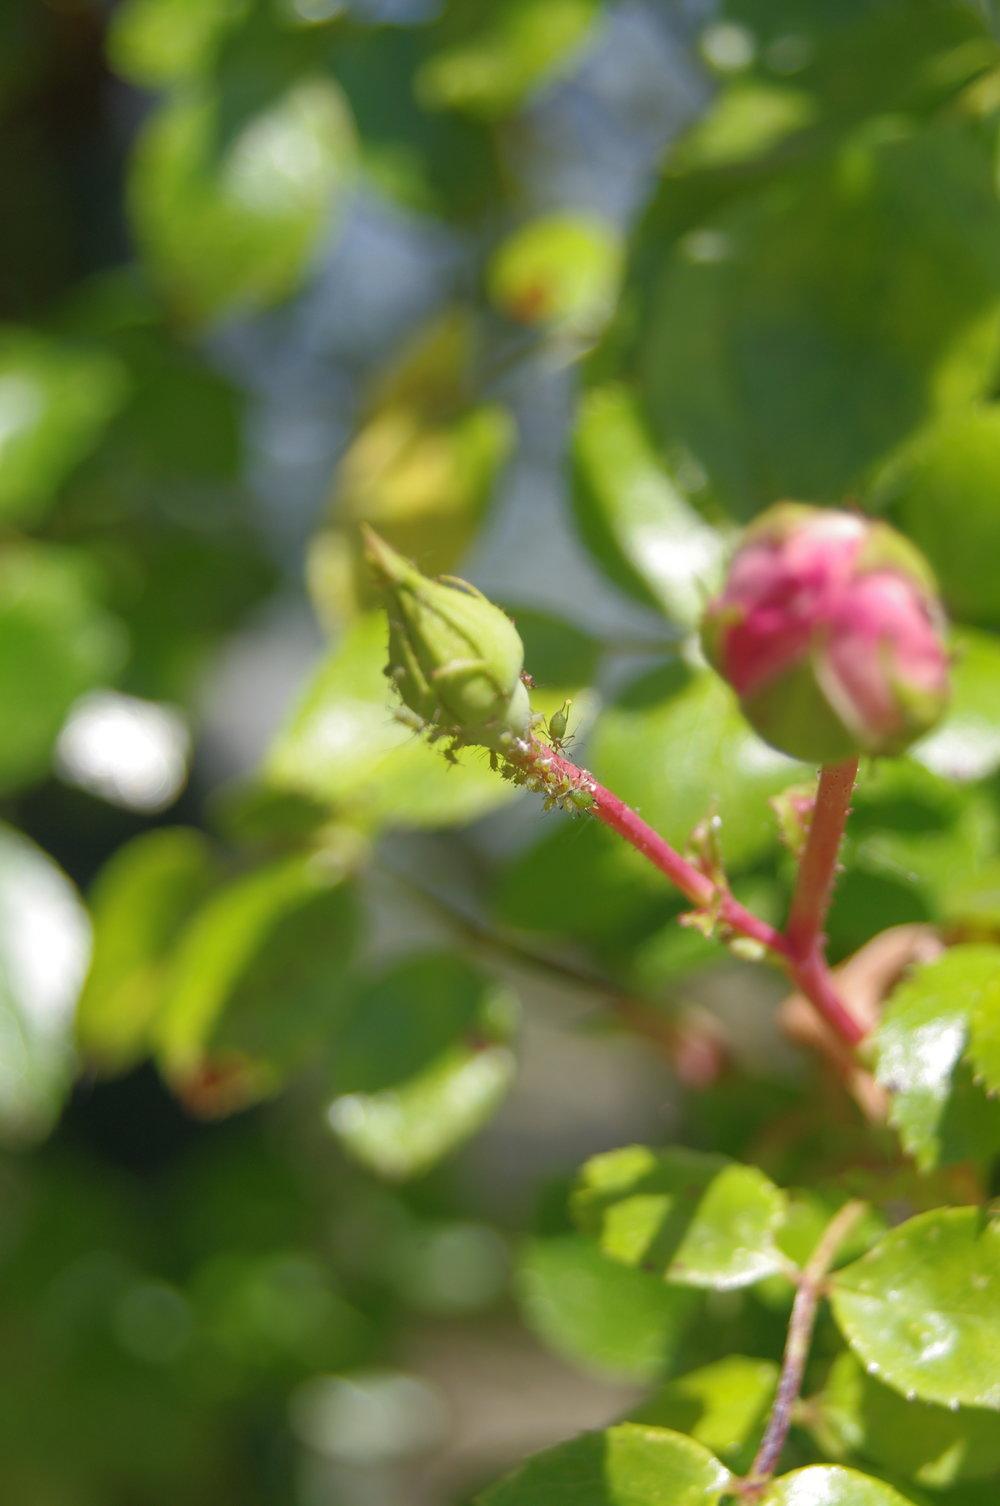 バラの蕾につくアブラムシ